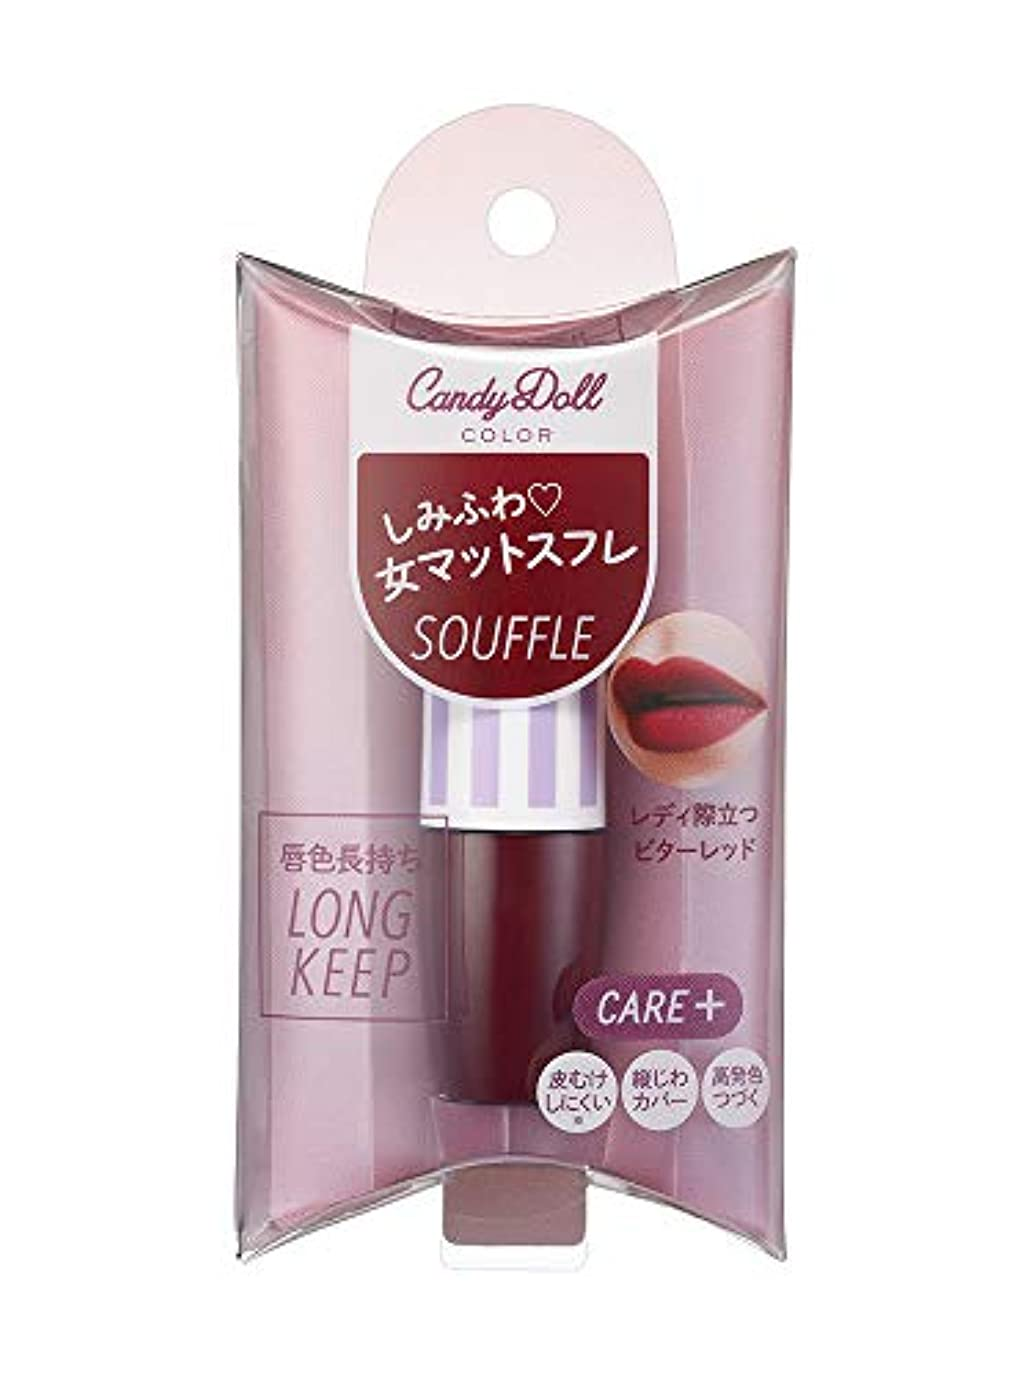 ブロンズ白雪姫酸CandyDoll スフレリップ<ビターレッド 302>